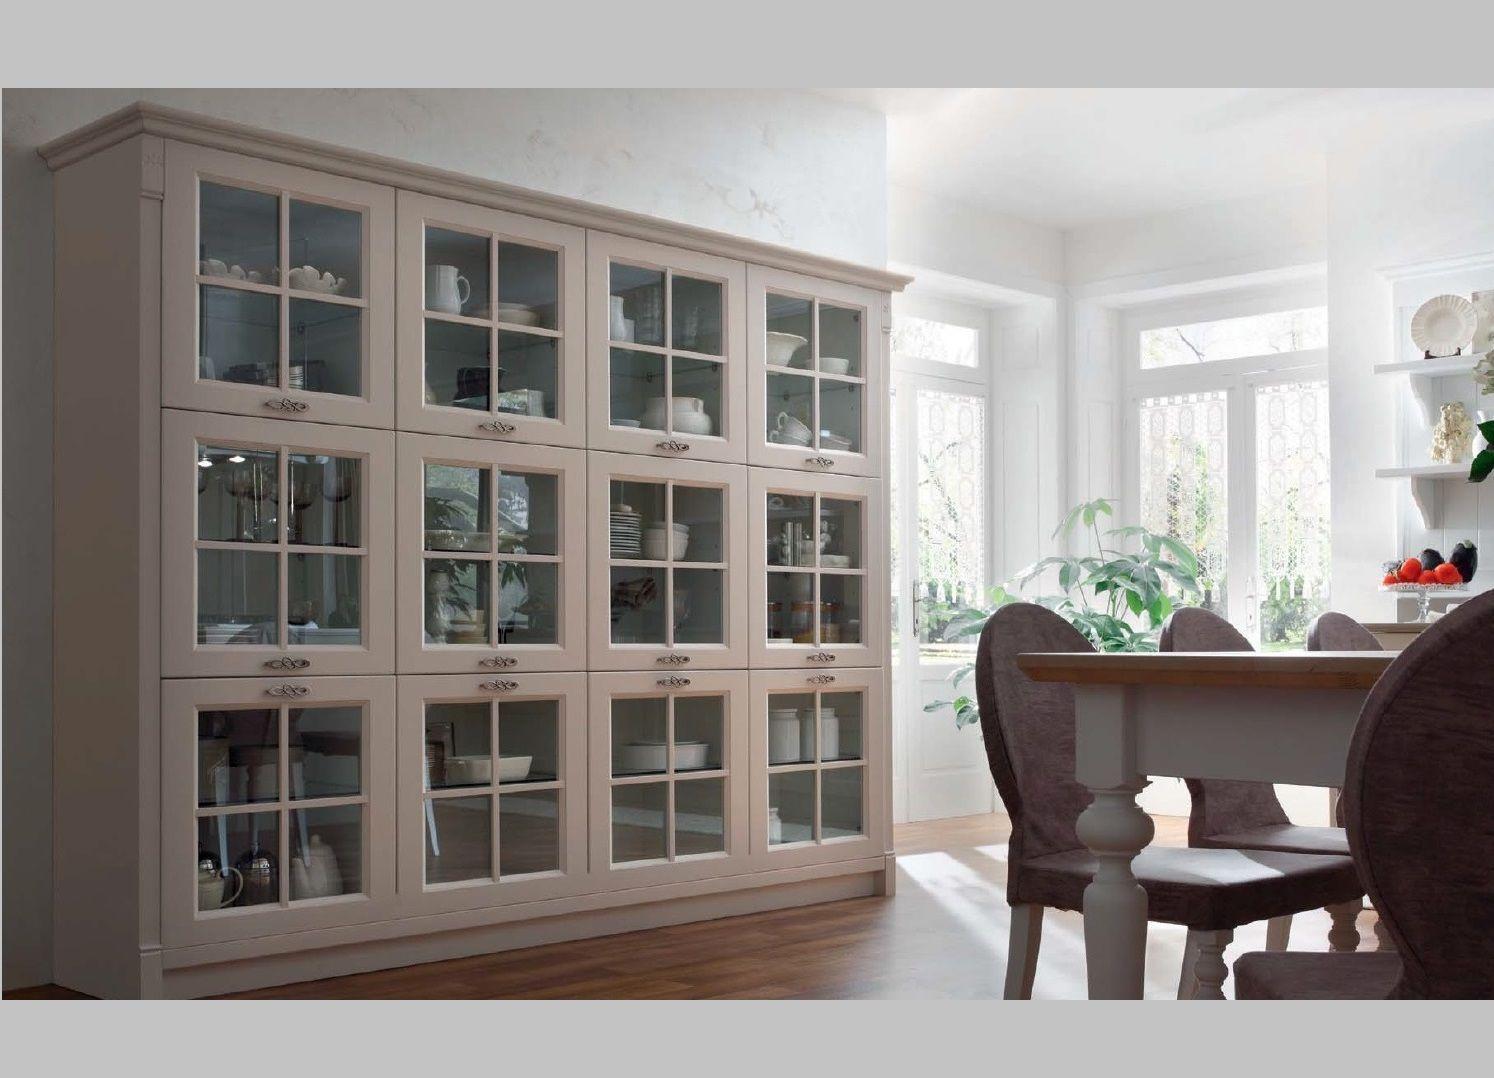 Vitrina de 12 puertas | Muebles clásicos, Vitrinas, Muebles